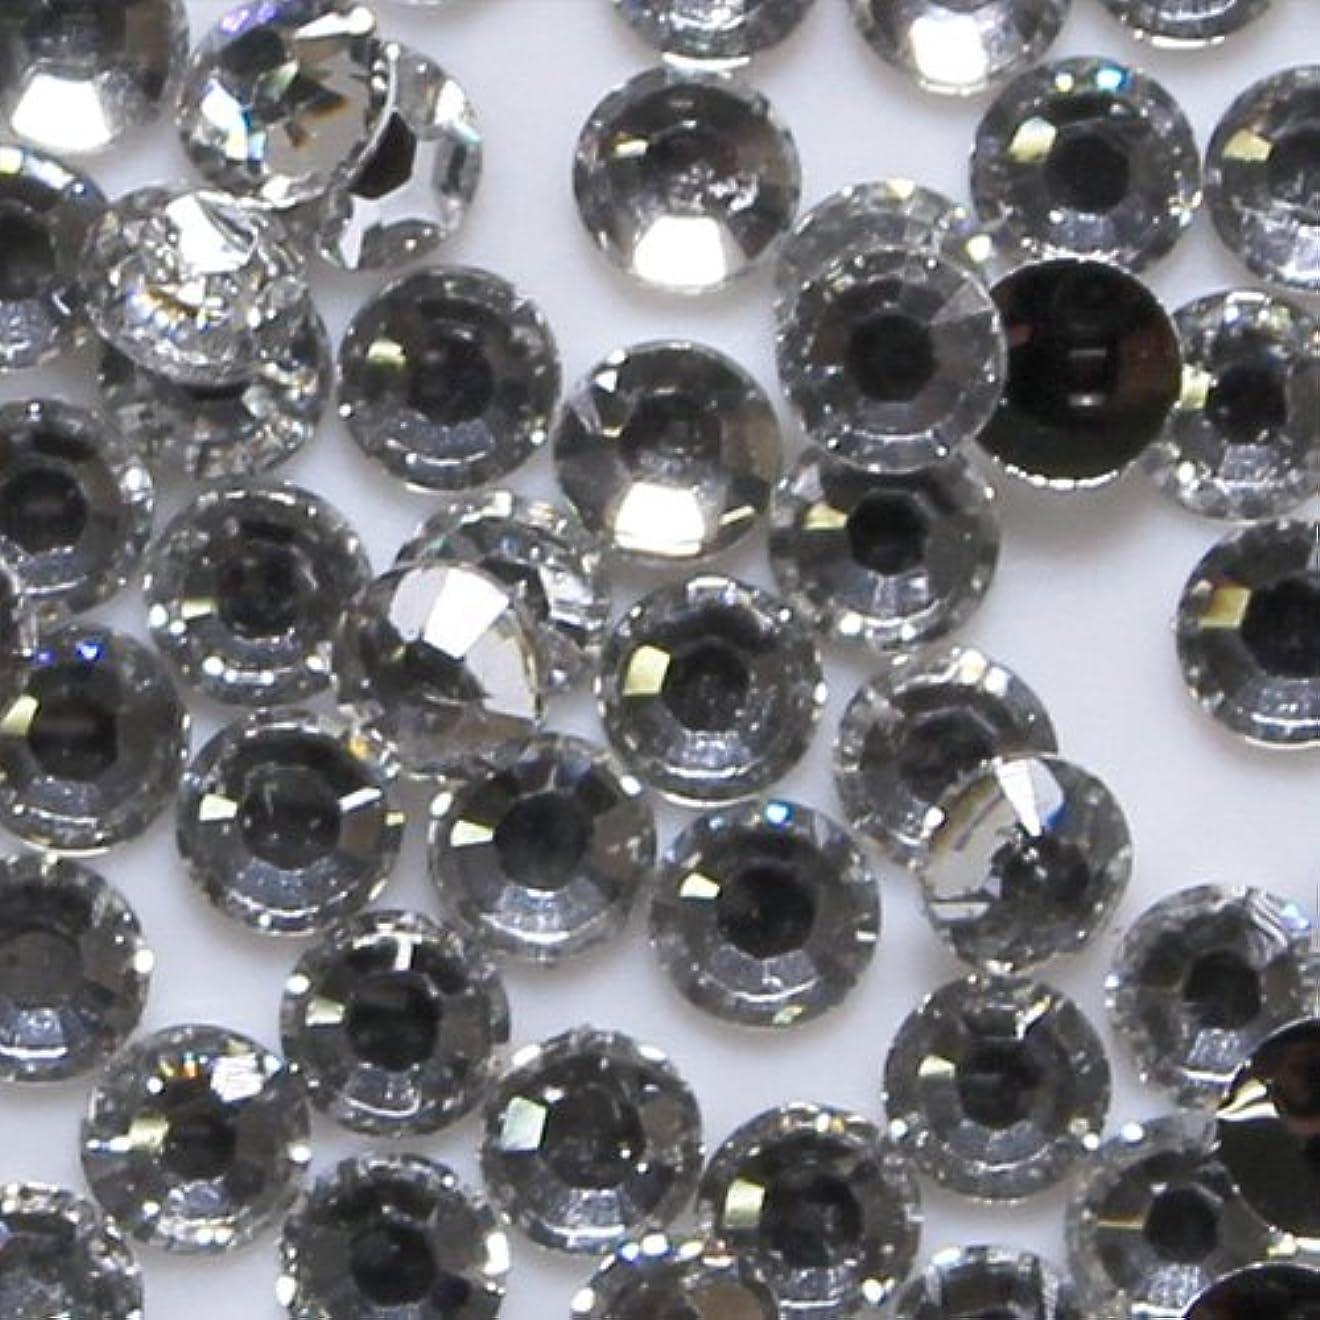 マサッチョネックレス盲目高品質 アクリルストーン ラインストーン ラウンドフラット 約1000粒入り 4mm ダイヤモンド